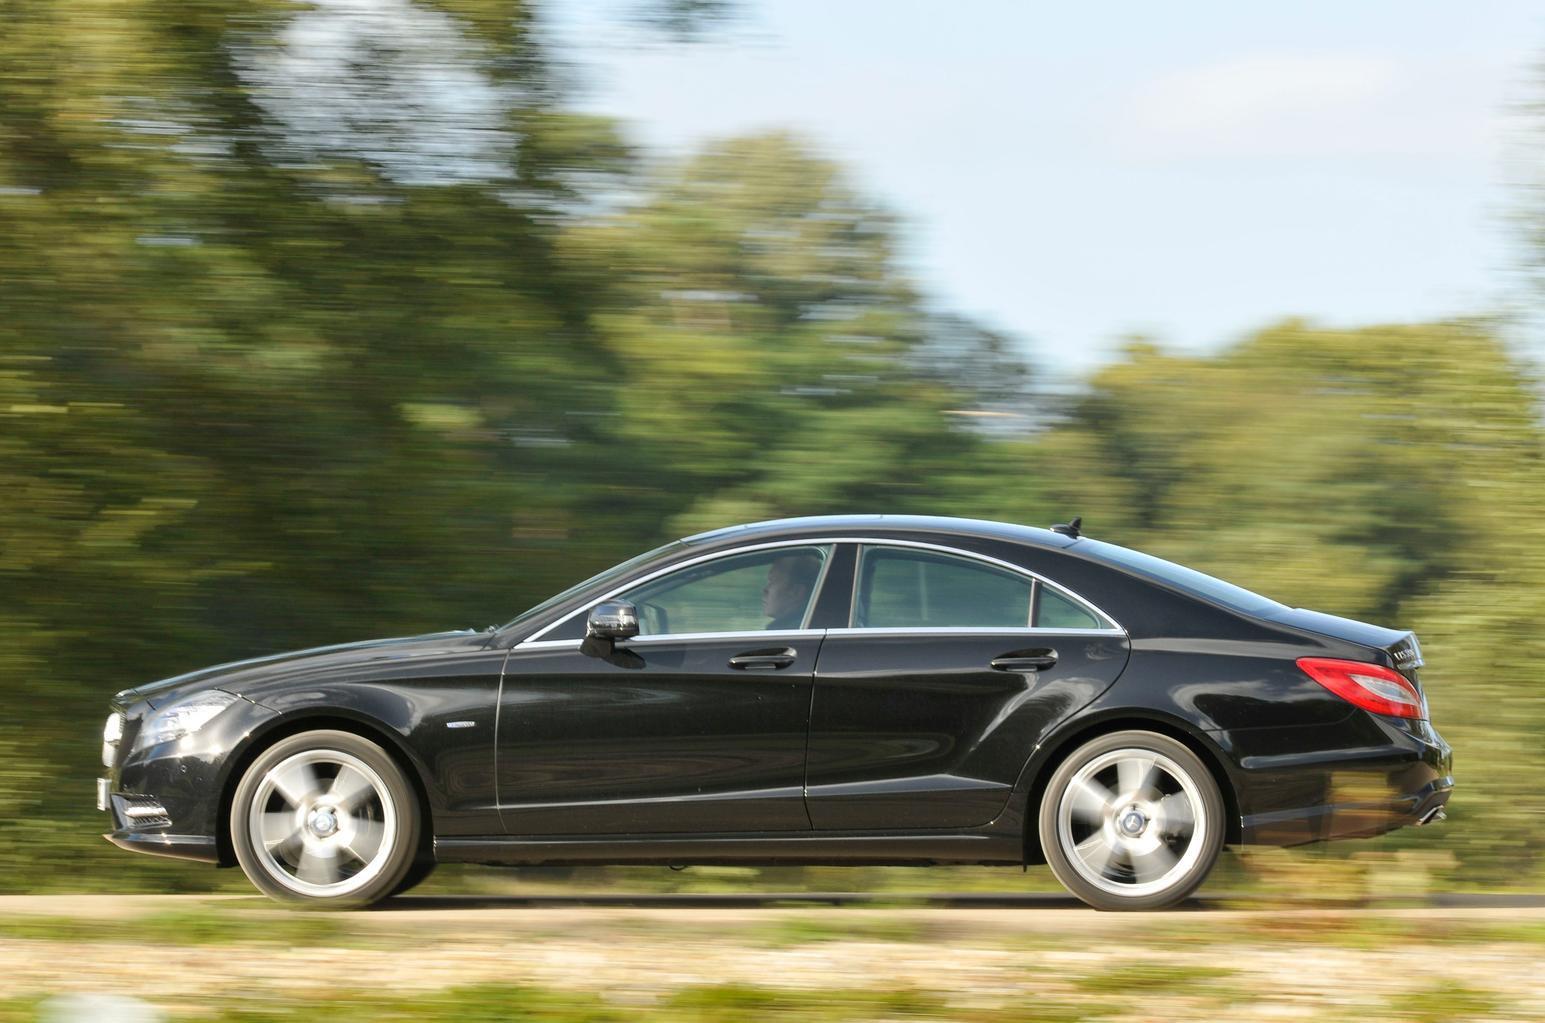 Used Mercedes-Benz CLS vs Porsche Panamera